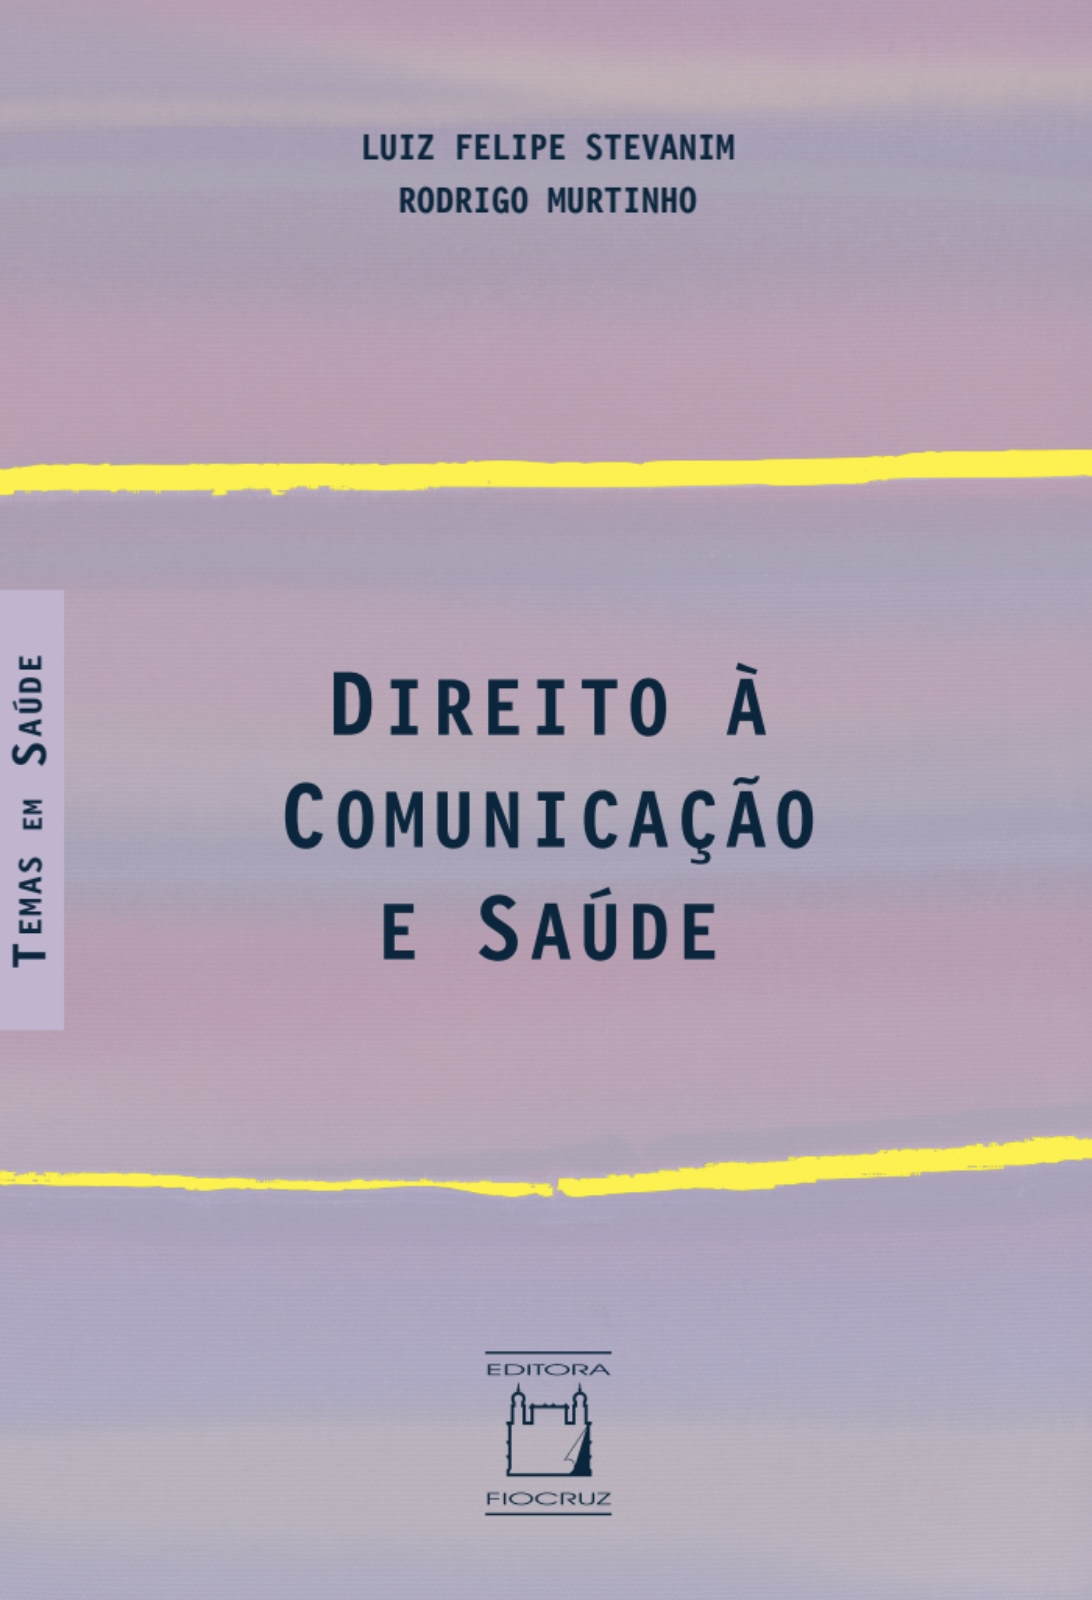 Direito à Comunicação e Saúde  - Livraria Virtual da Editora Fiocruz